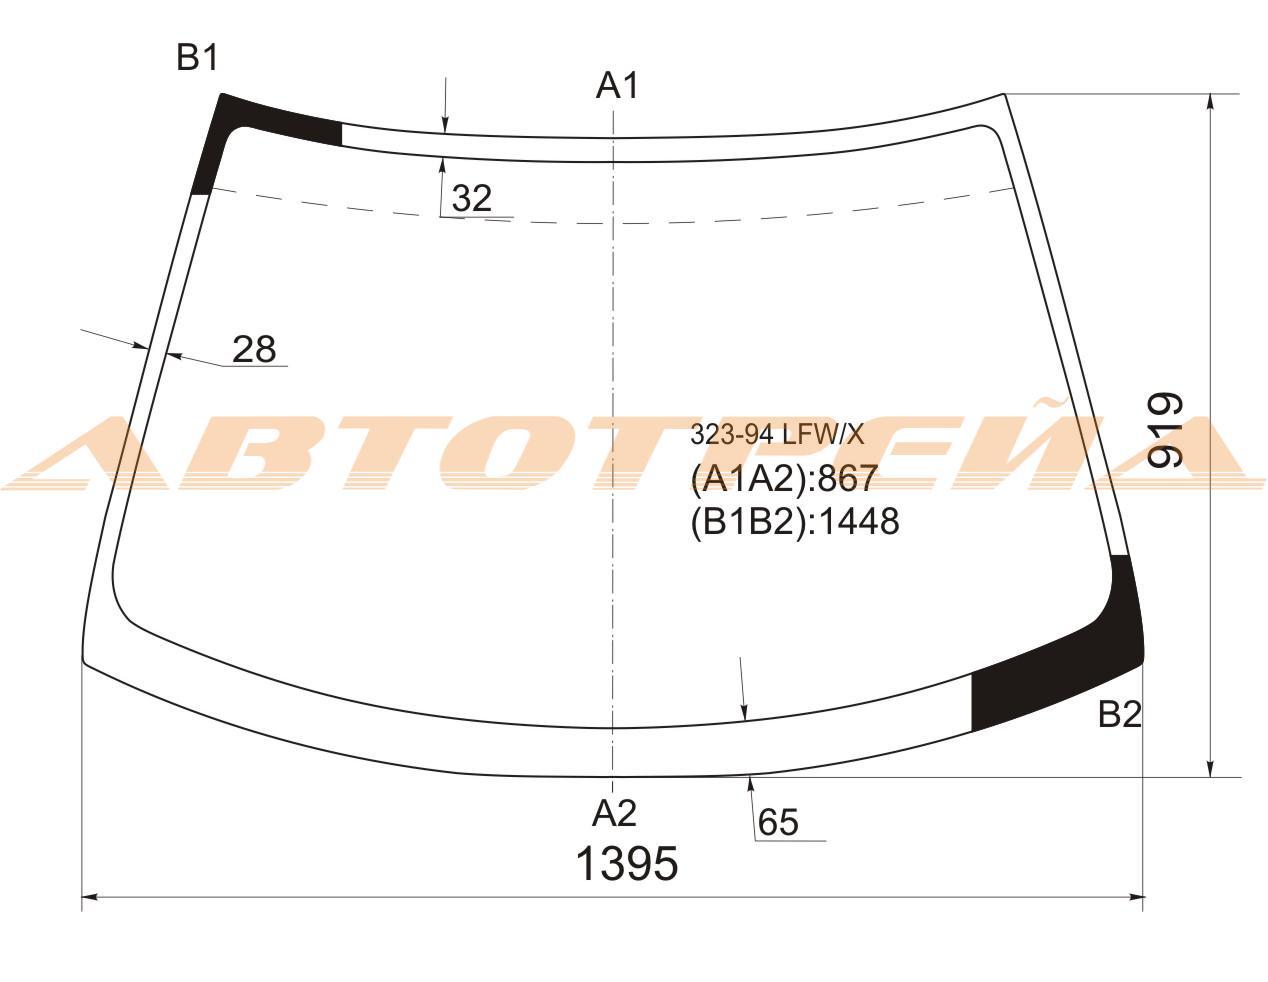 Продажа и замена автостекол Mazda 323. Лобовое, боковое, заднее автостекло Mazda 323